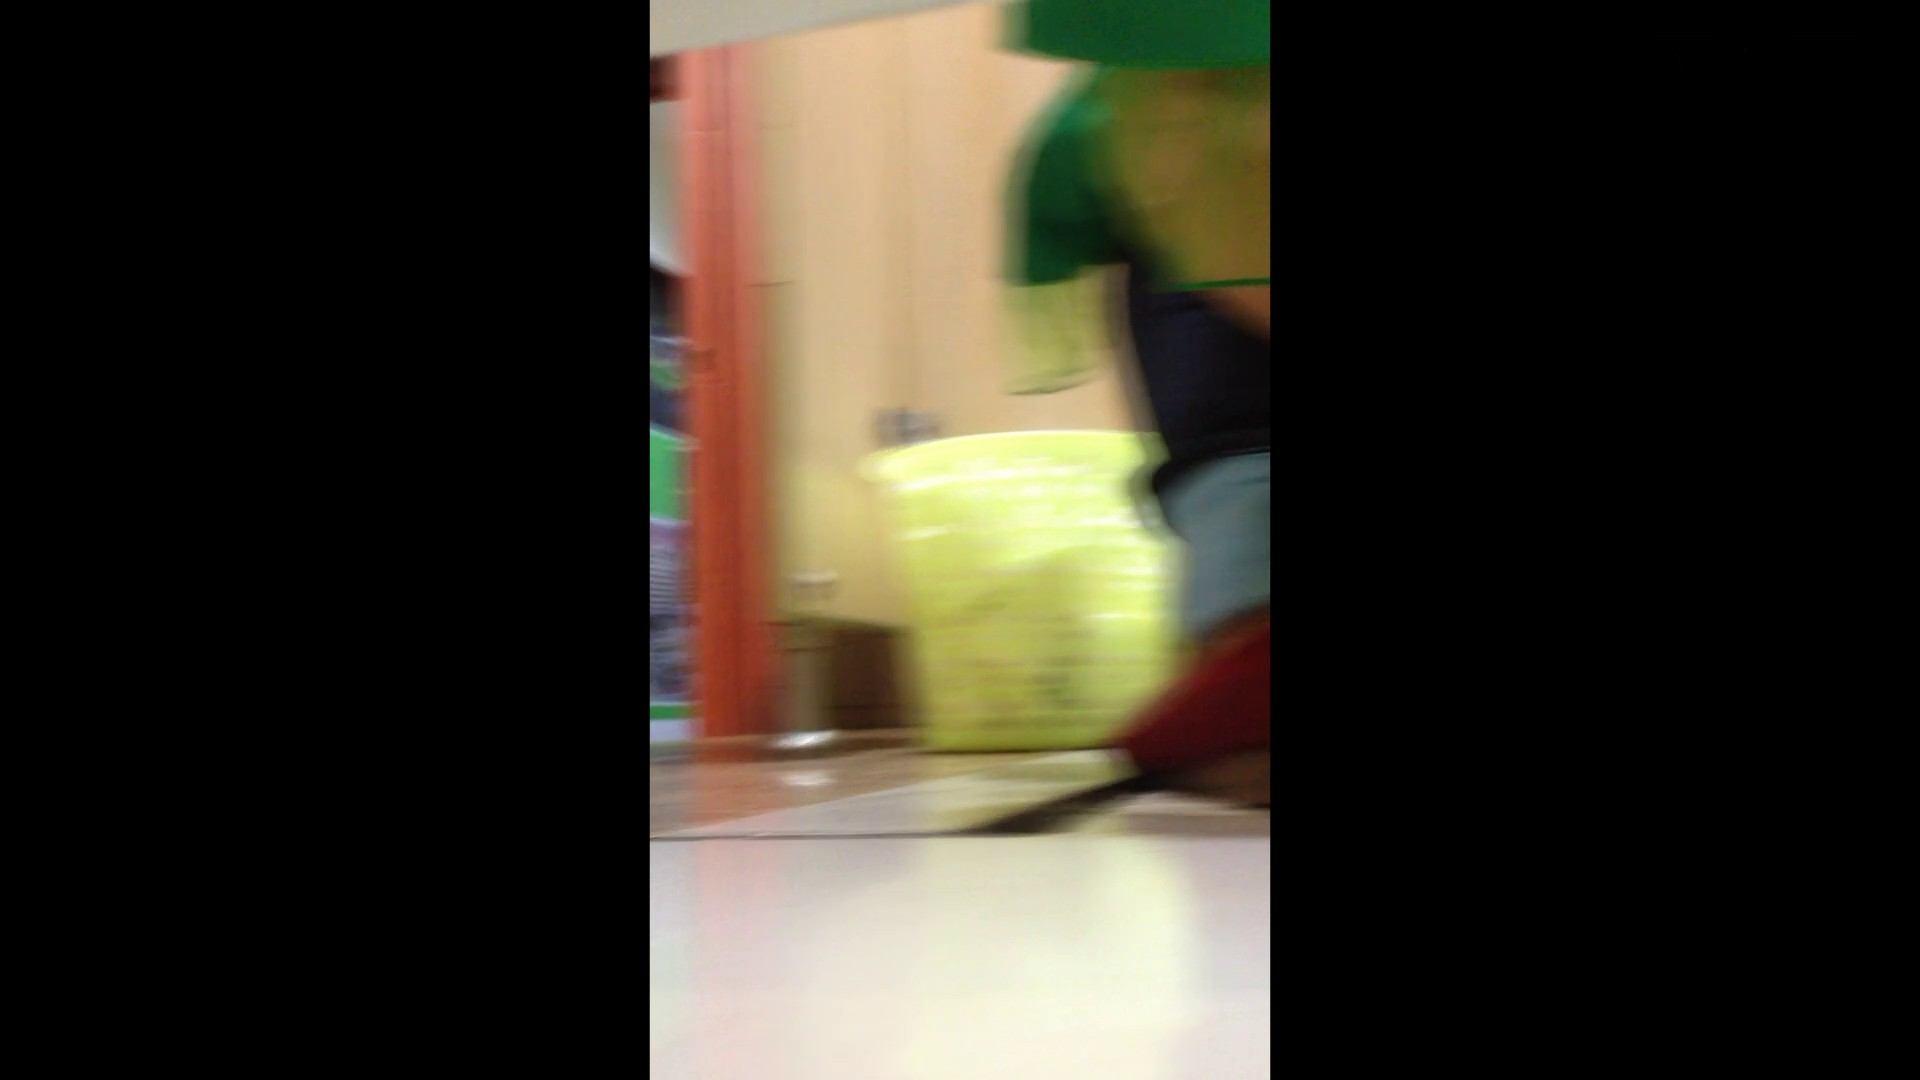 芸術大学ガチ潜入盗撮 JD盗撮 美女の洗面所の秘密 Vol.87 盗撮 | エッチなOL  79枚 79